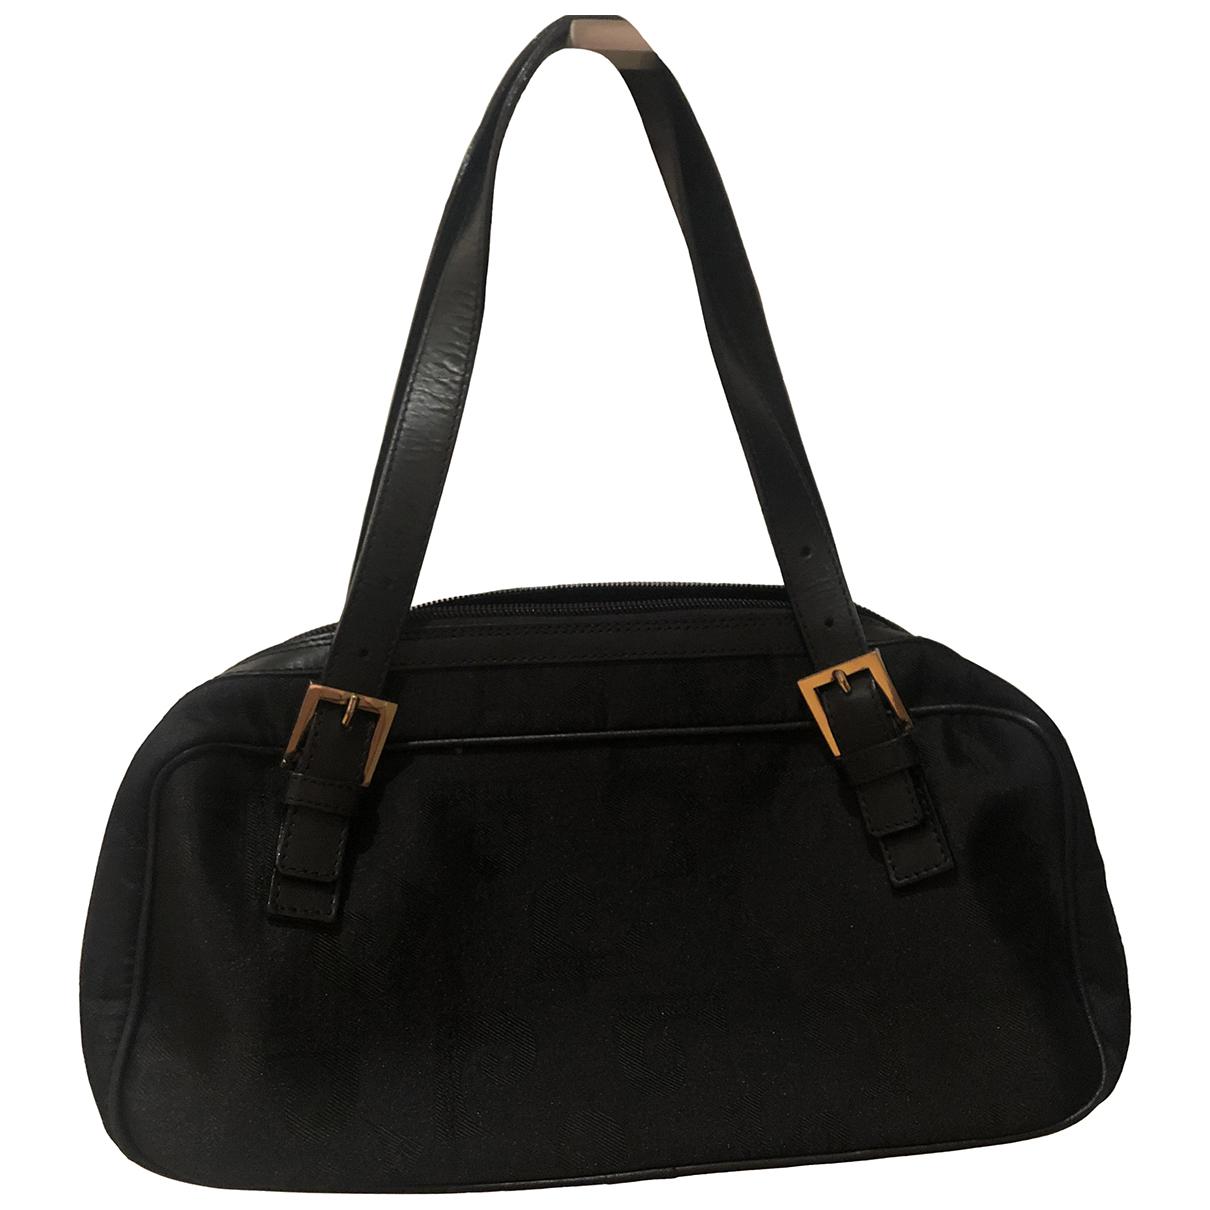 Pierre Cardin \N Handtasche in  Schwarz Leinen